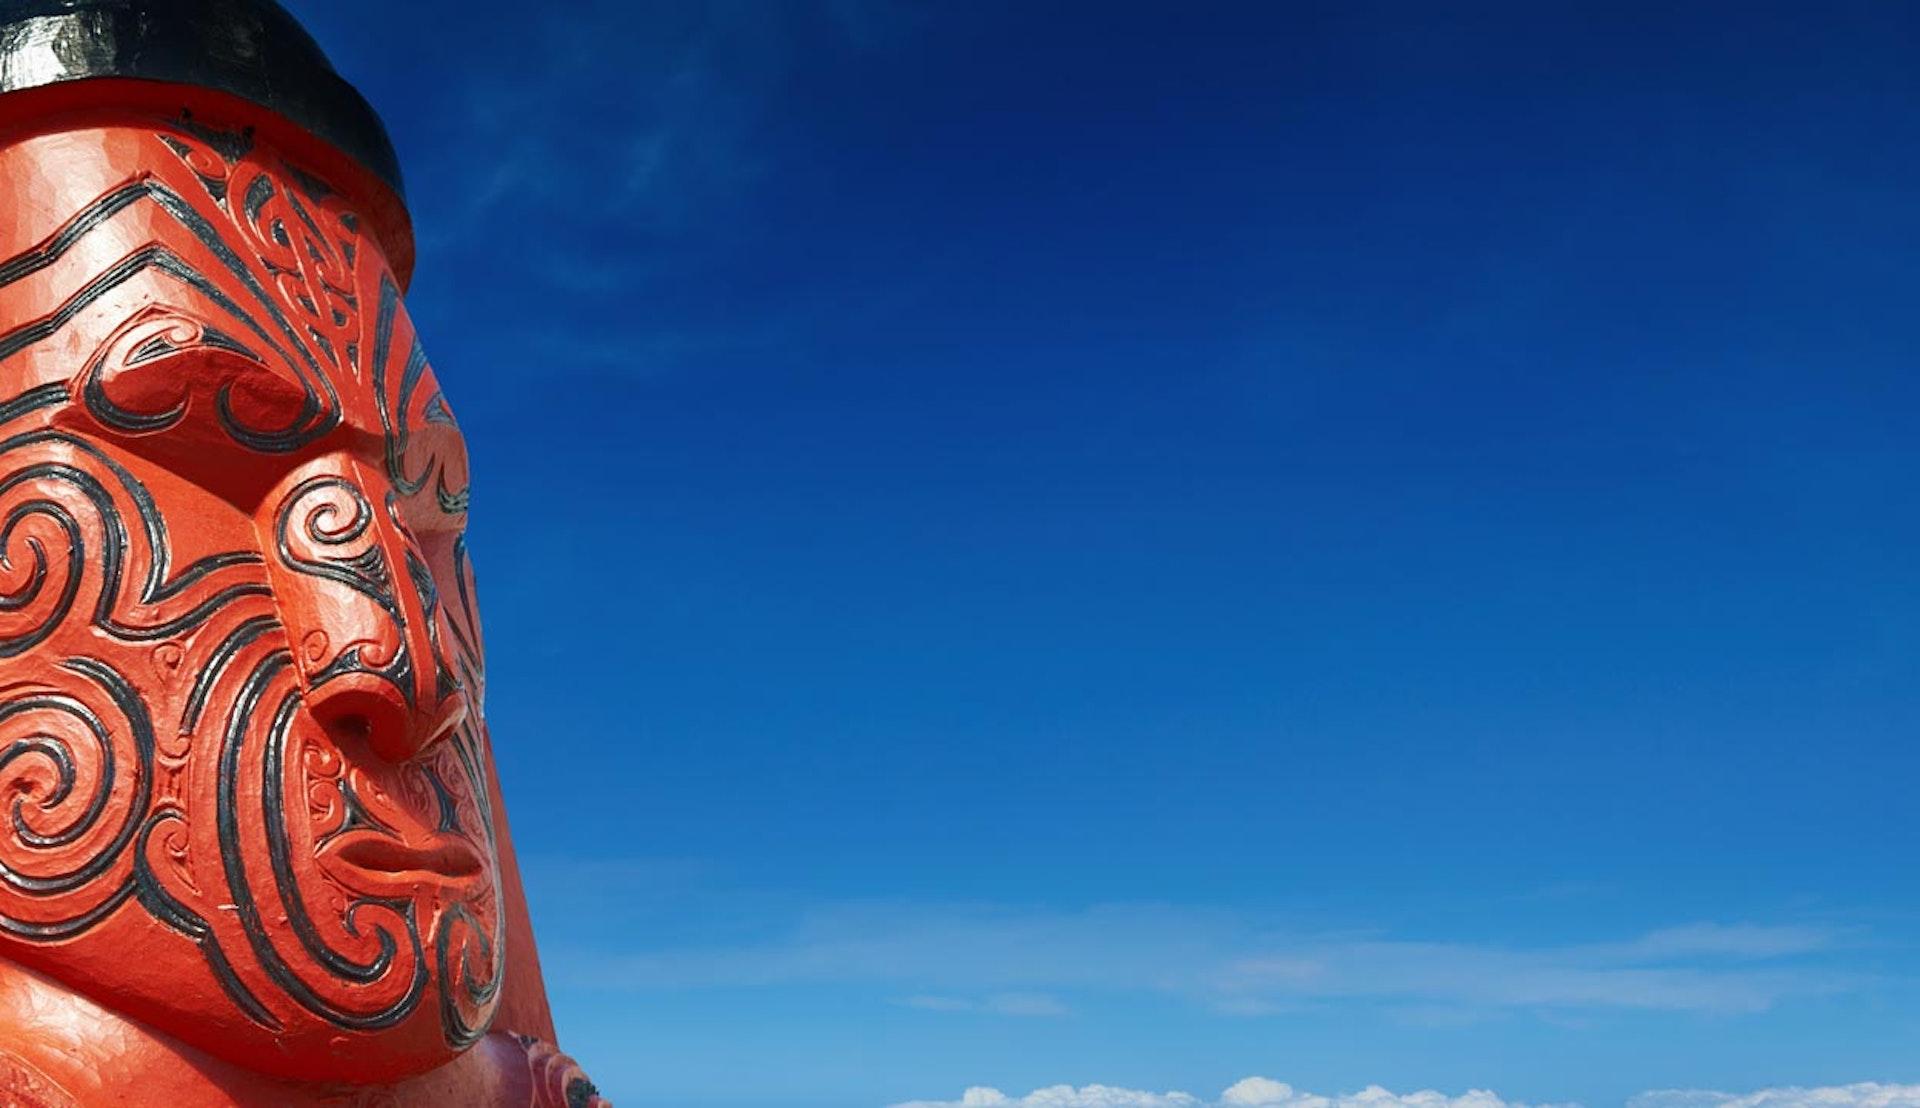 Röd och svart maoriskulptur från Nya Zeeland.